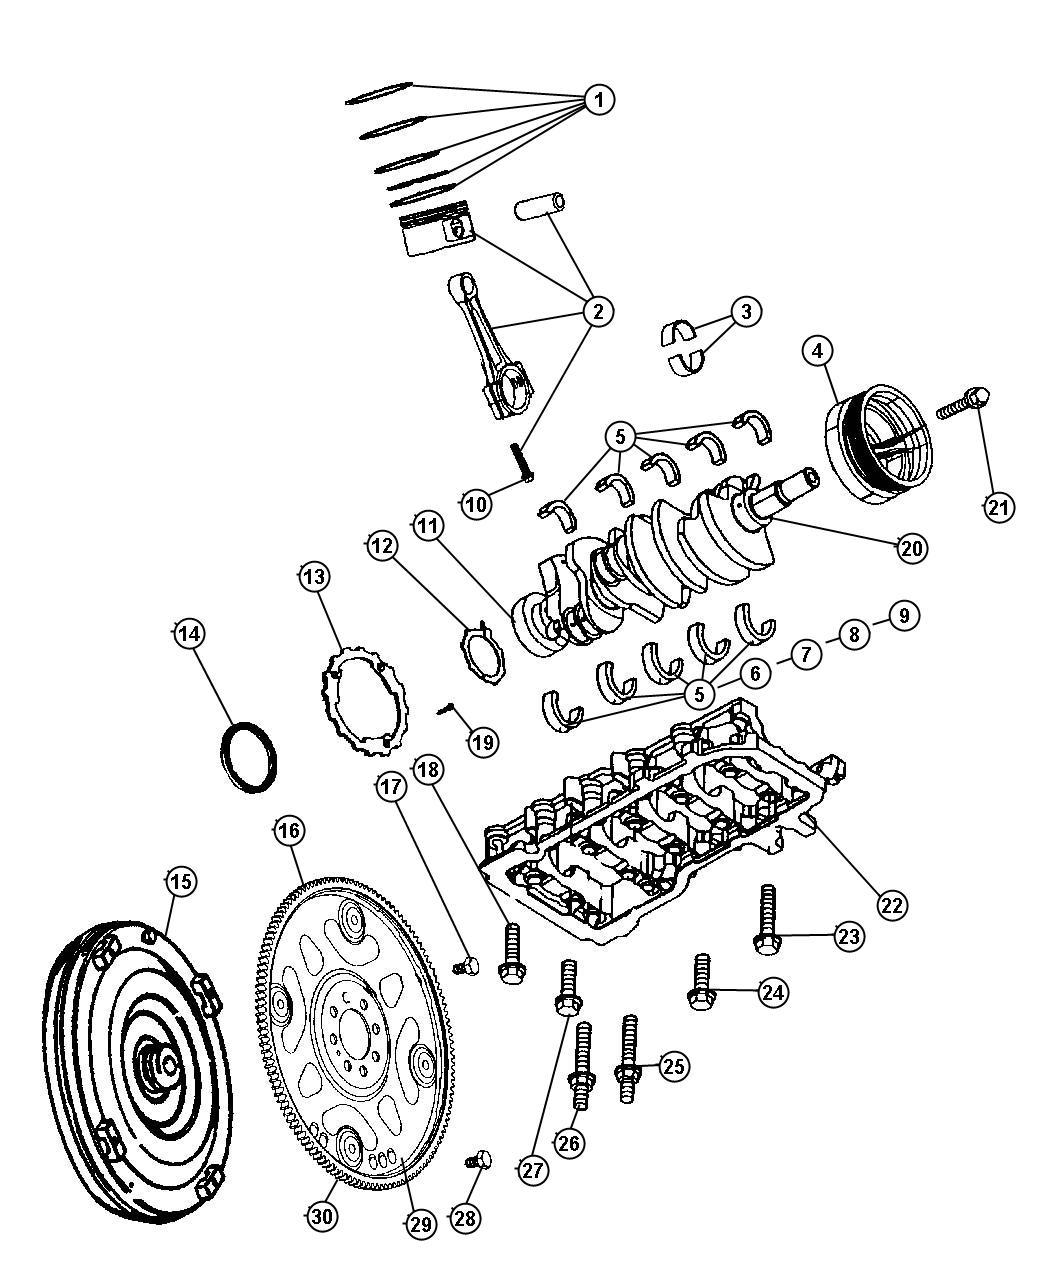 4.7 magnum engine diagram